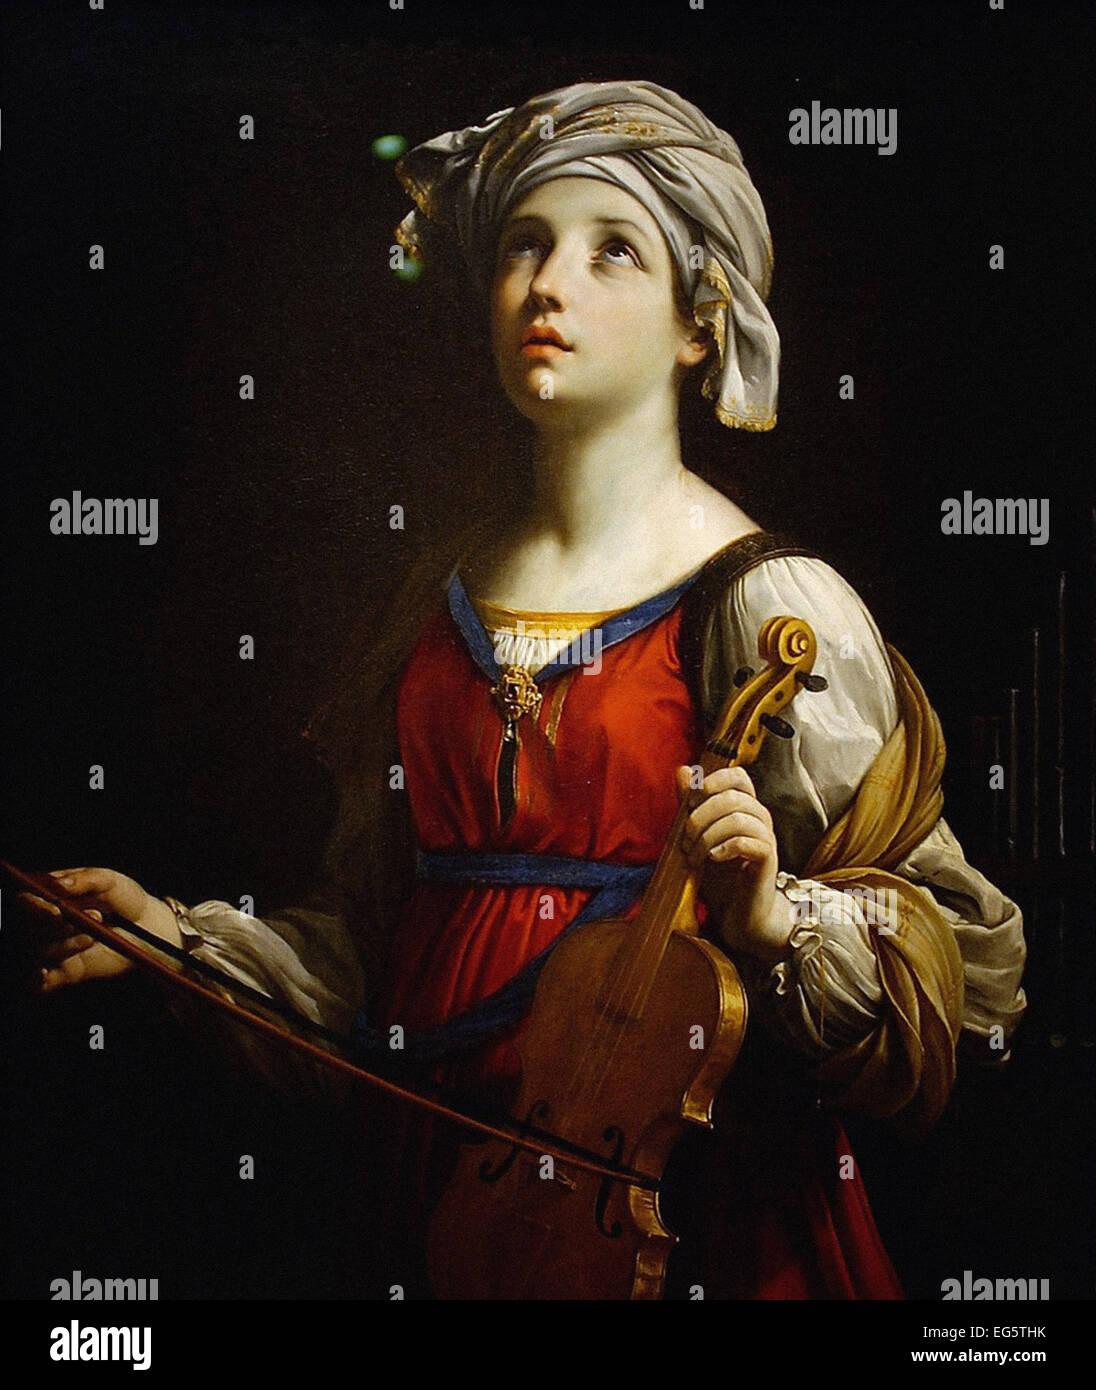 Guido Reni  Saint Cecilia - Stock Image